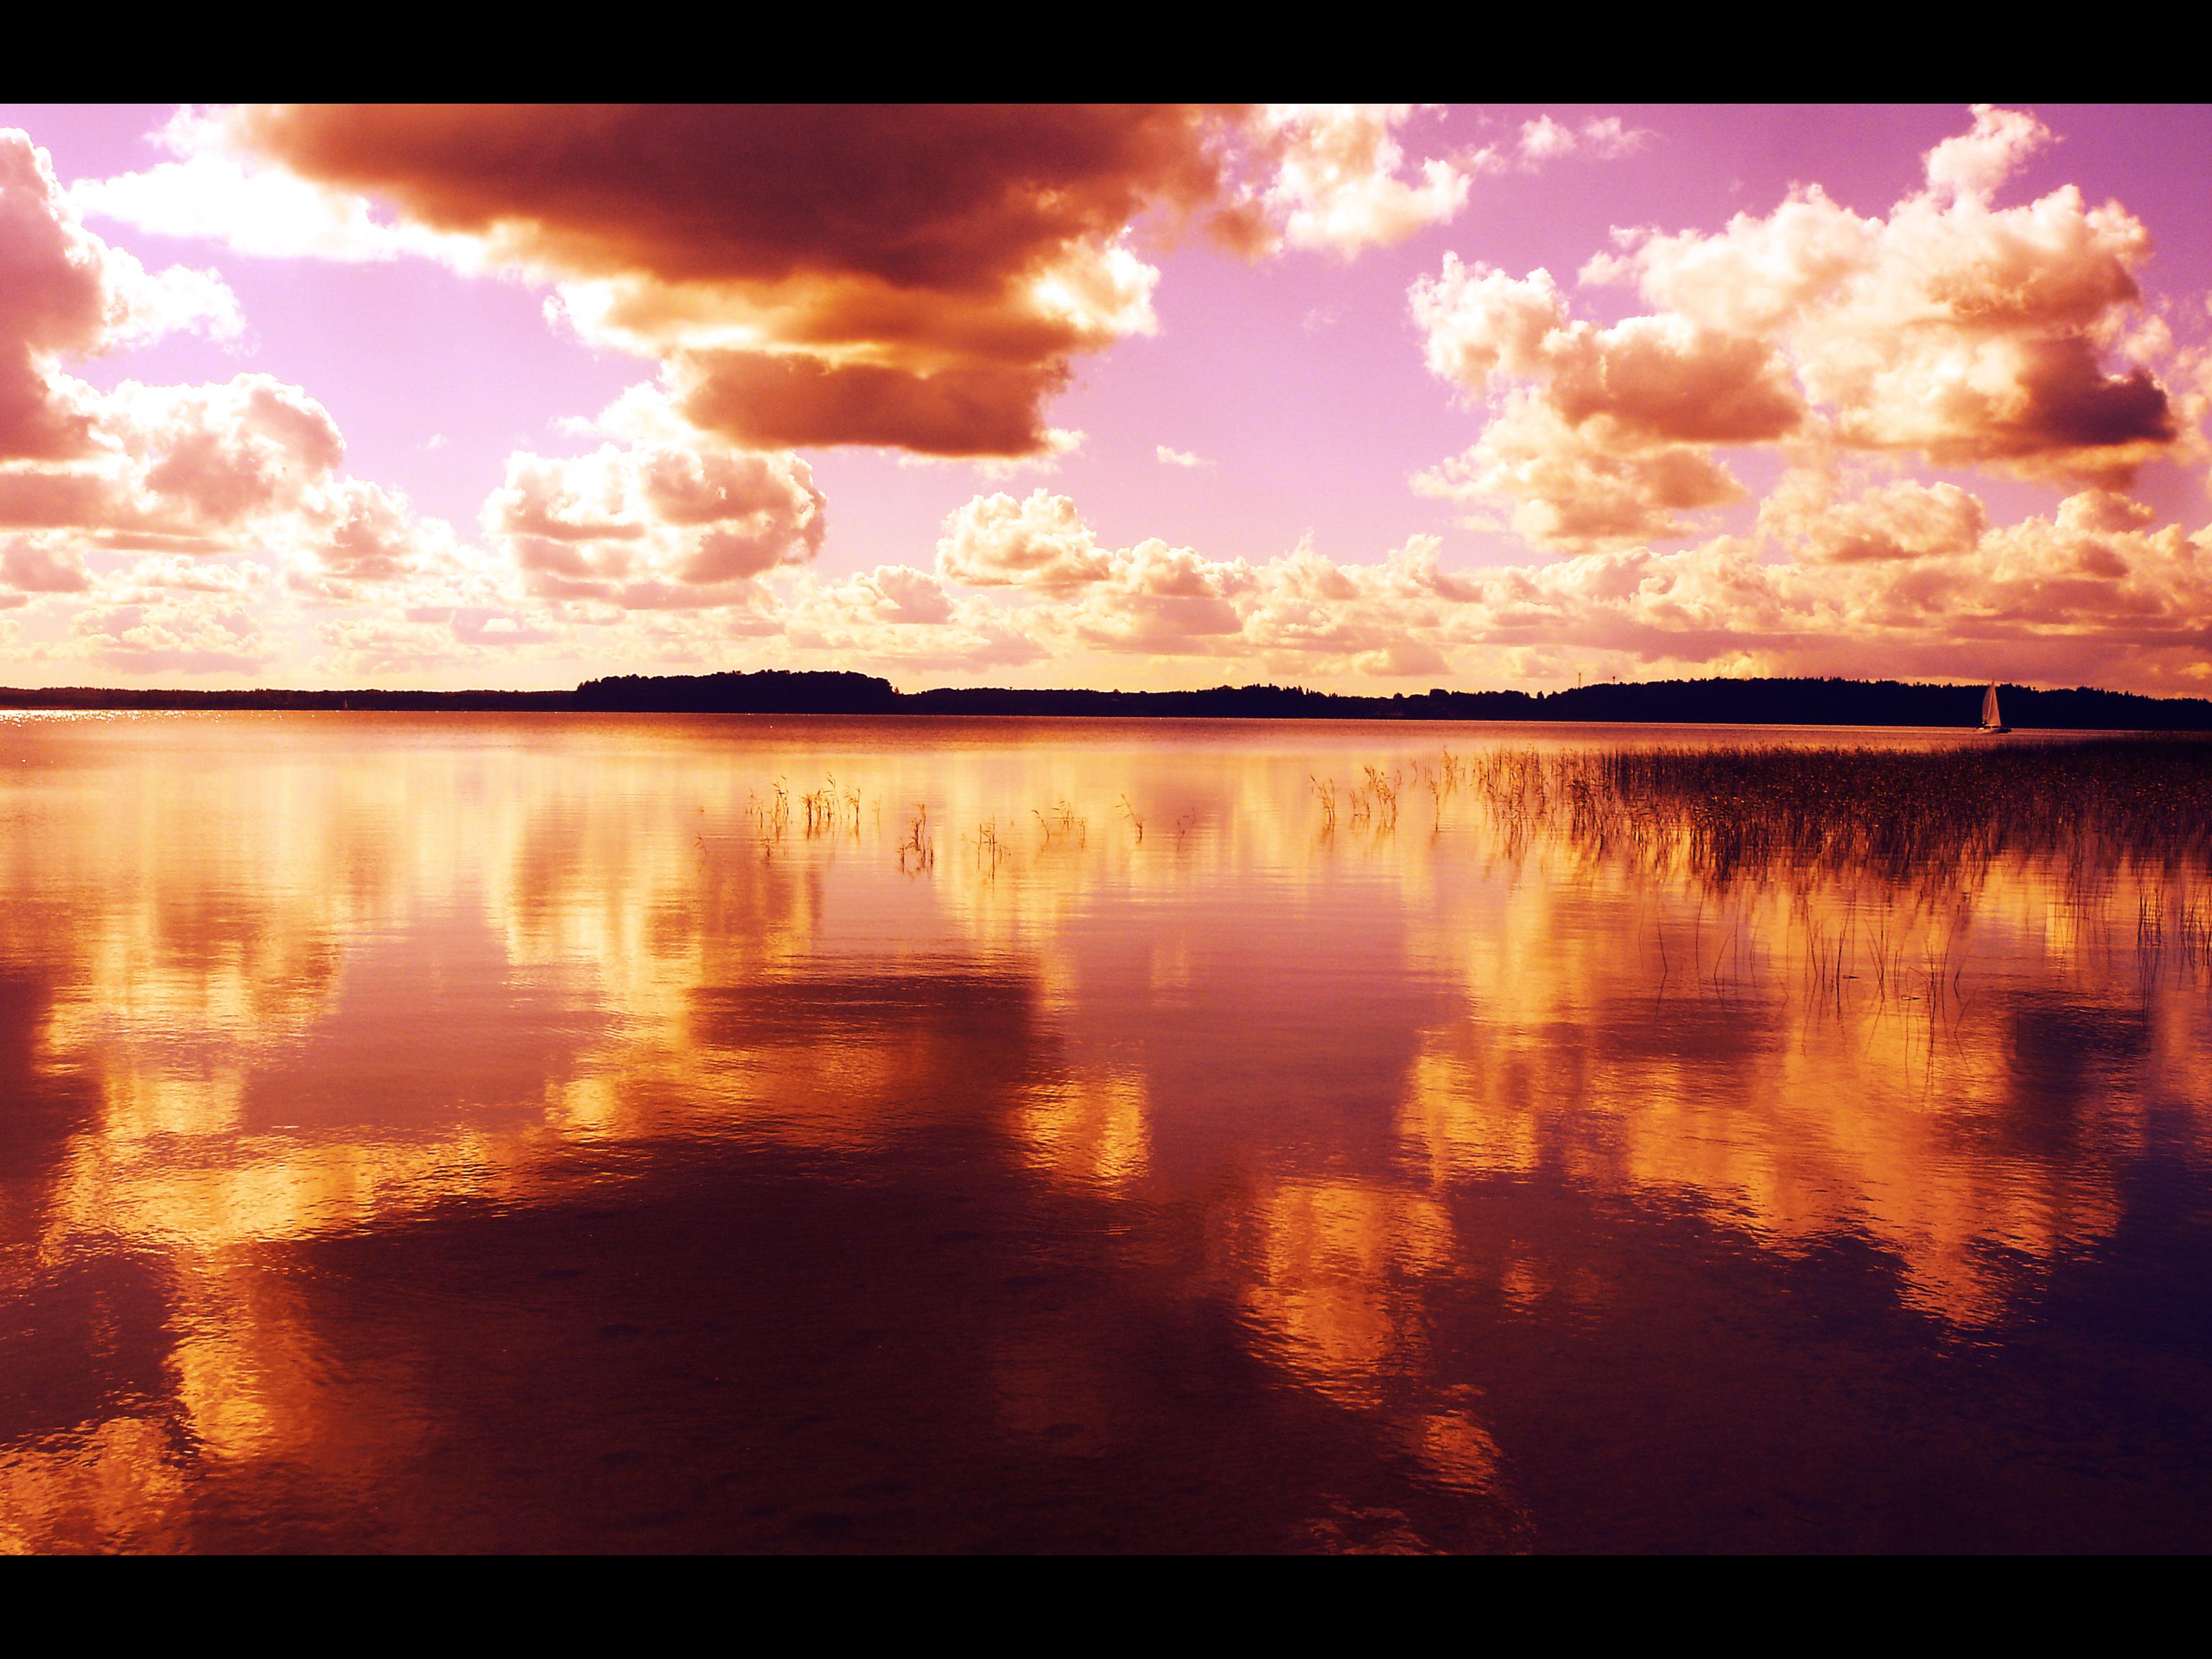 Autumn's Sky by Dislute